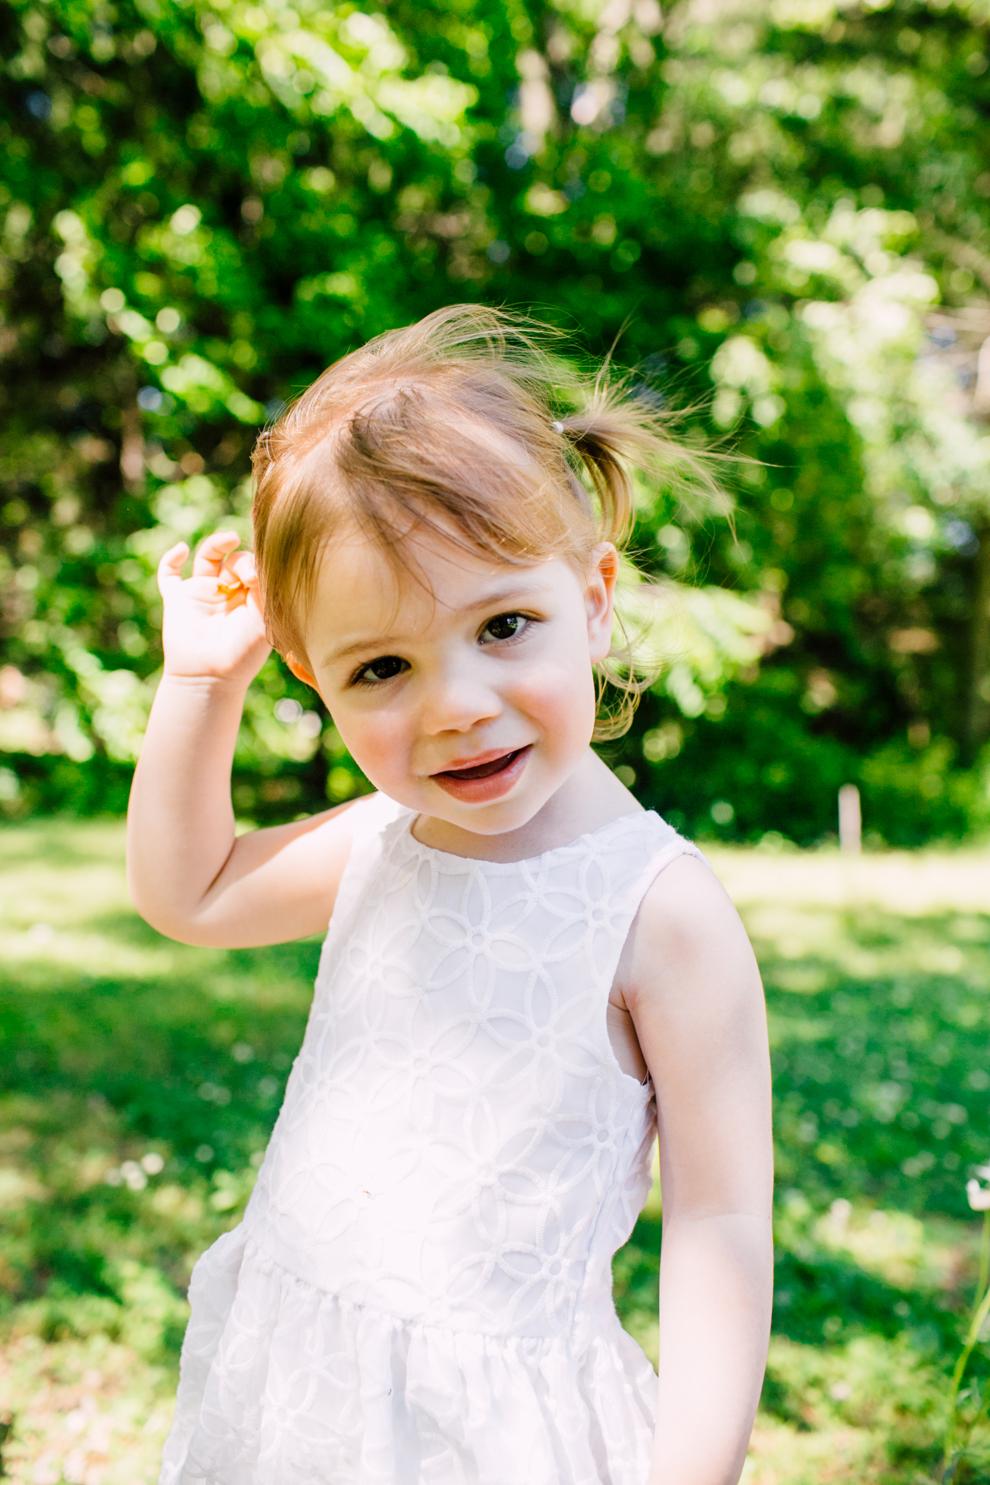 002-wisconsin-family-photographer-moseler-katheryn-moran.jpg